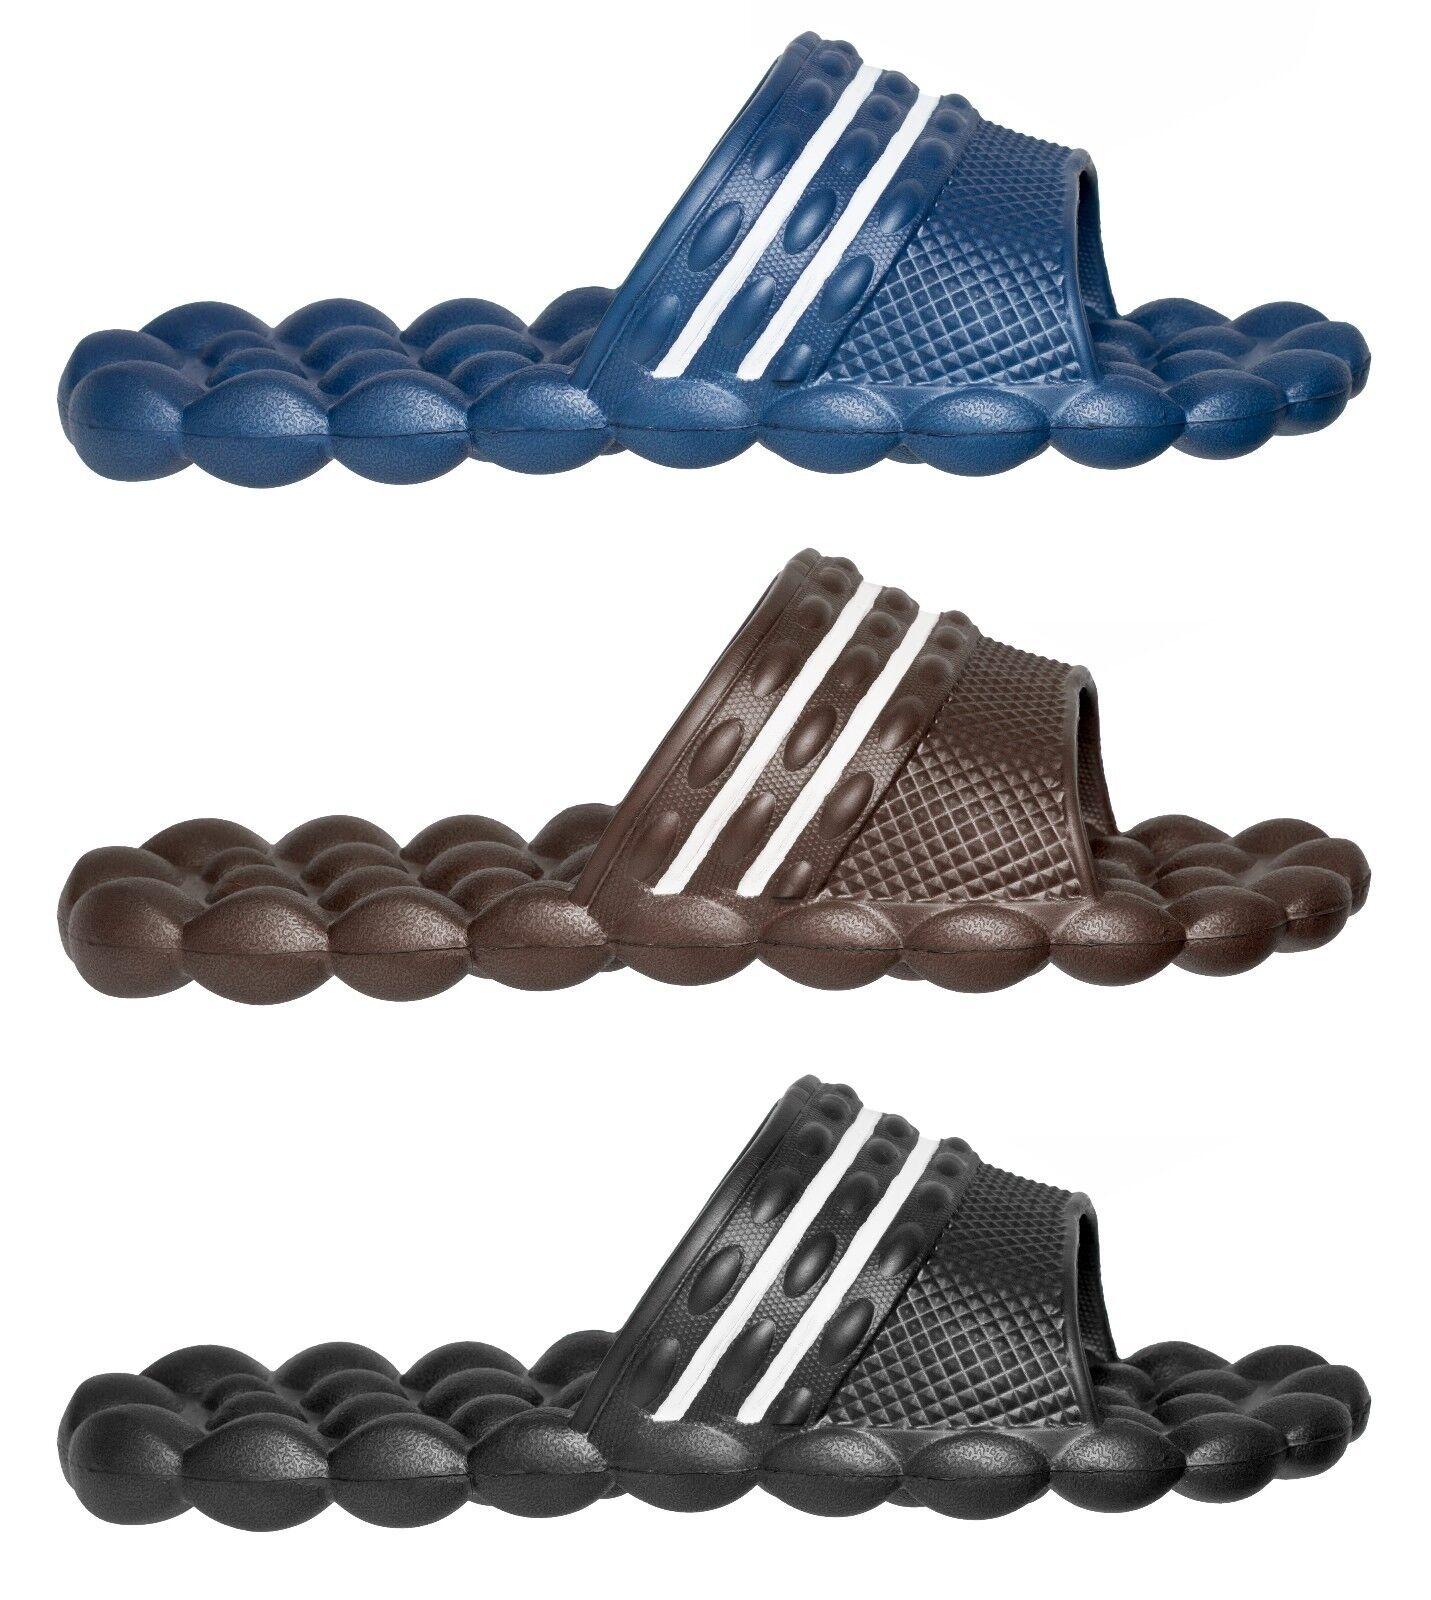 HG Deluxe Comfort Solarsoft Massage Slippers Slides